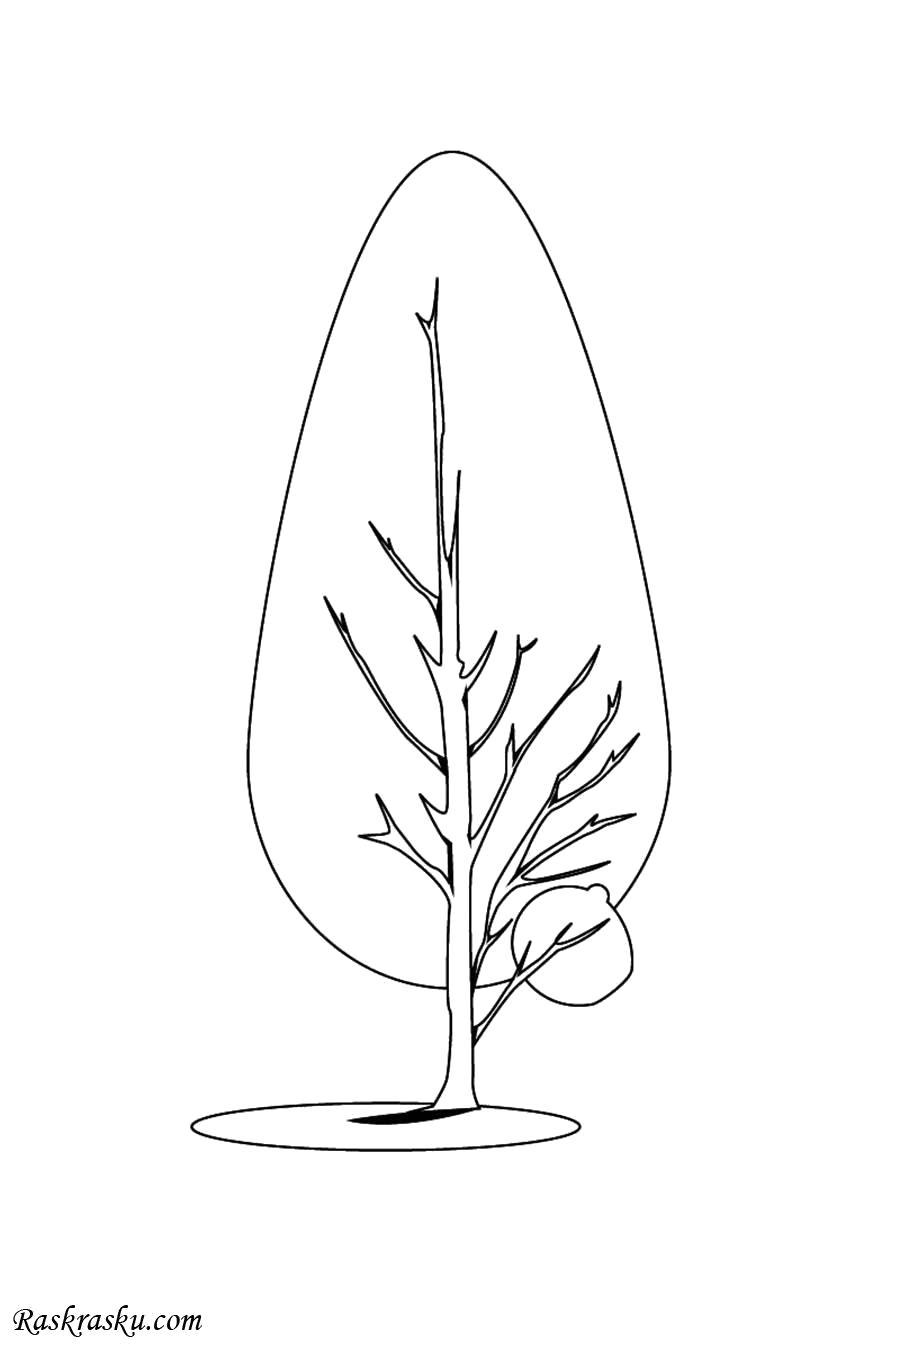 Раскраска Сосна. Скачать деревья.  Распечатать деревья